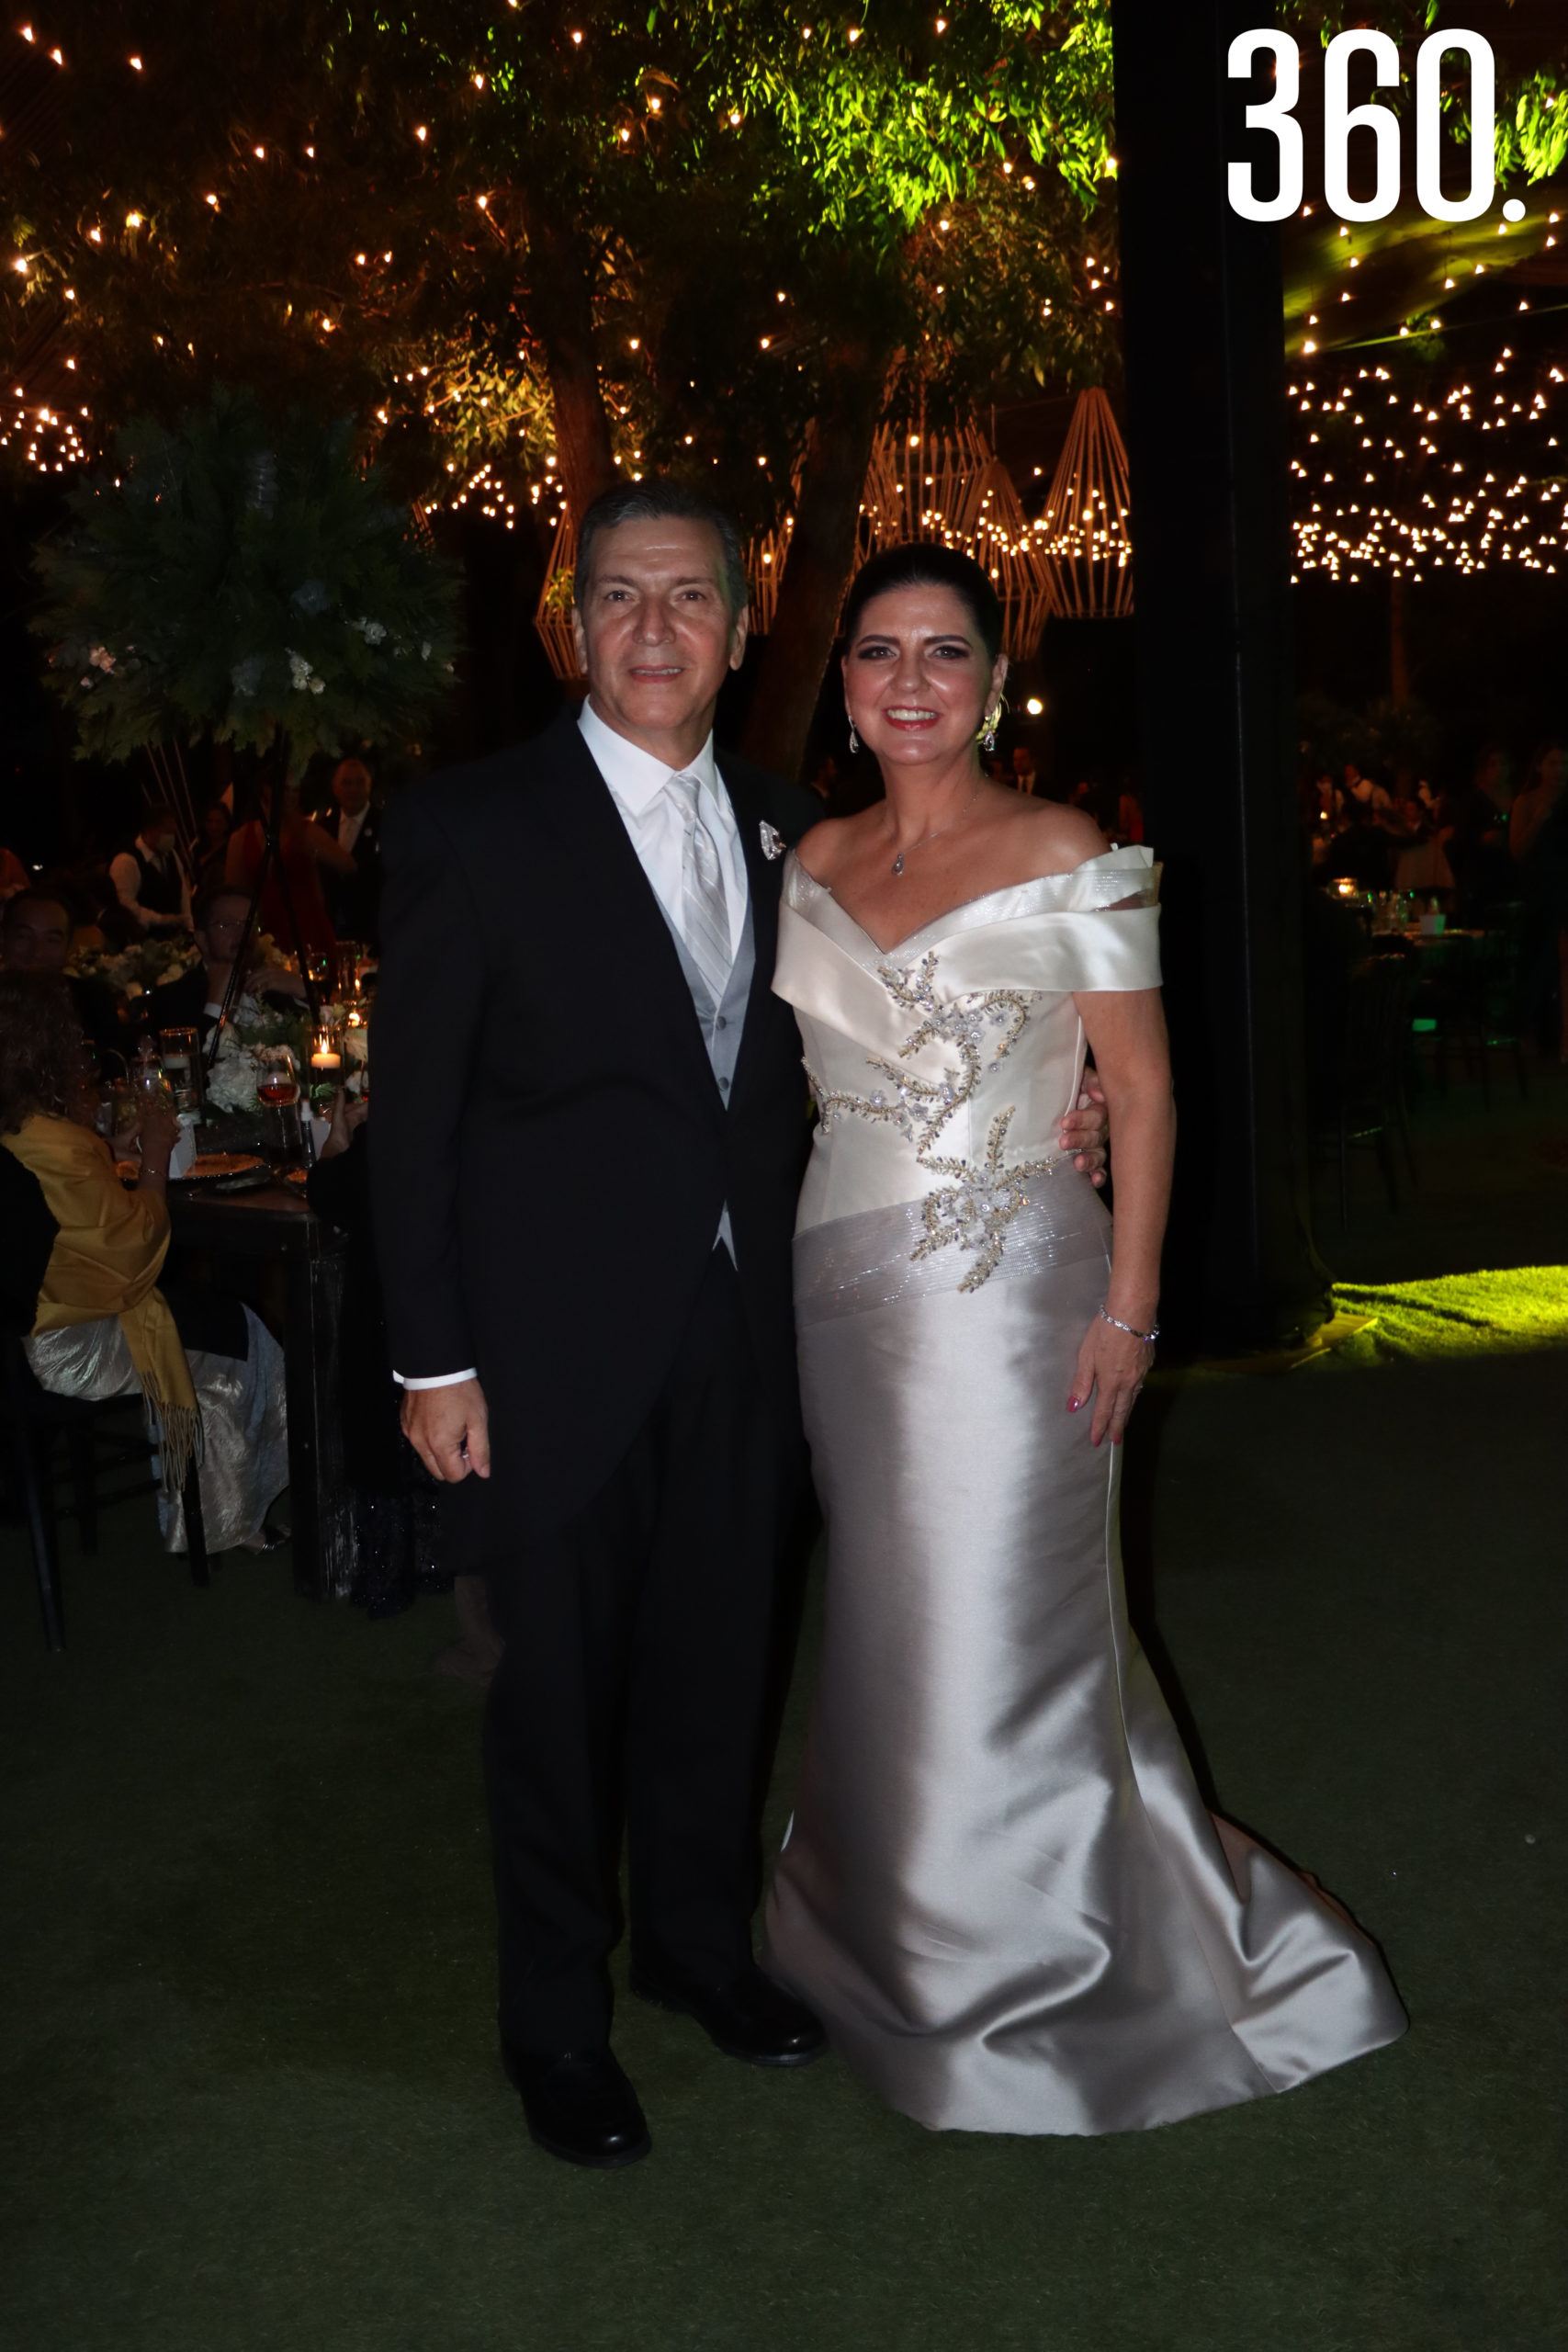 Rubén José Treviño y Marcela María de la Garza, padres de la novia.